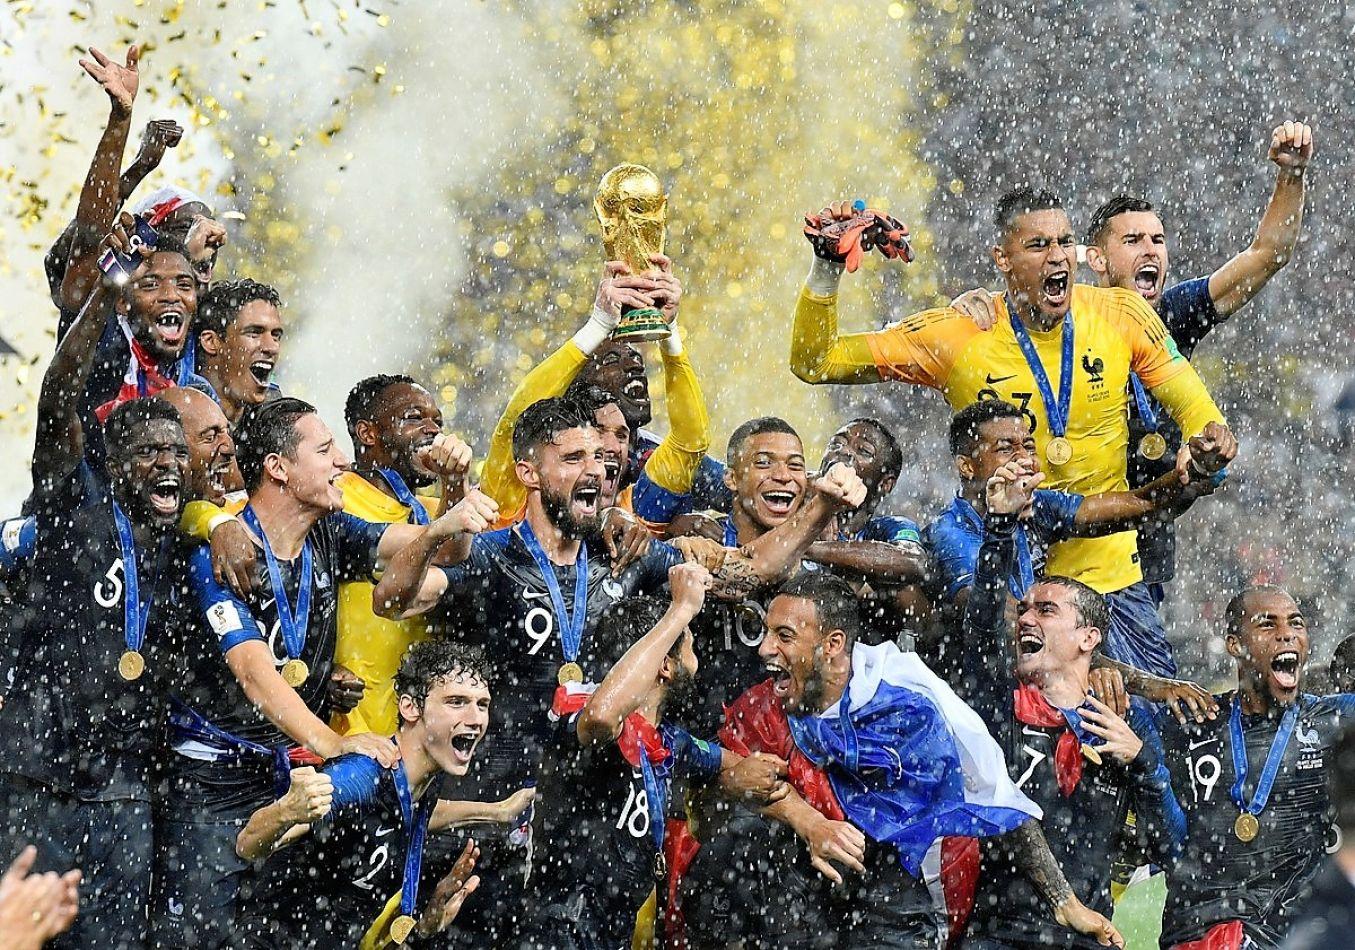 La seleccion francesa es campeona mundial de fútbol.